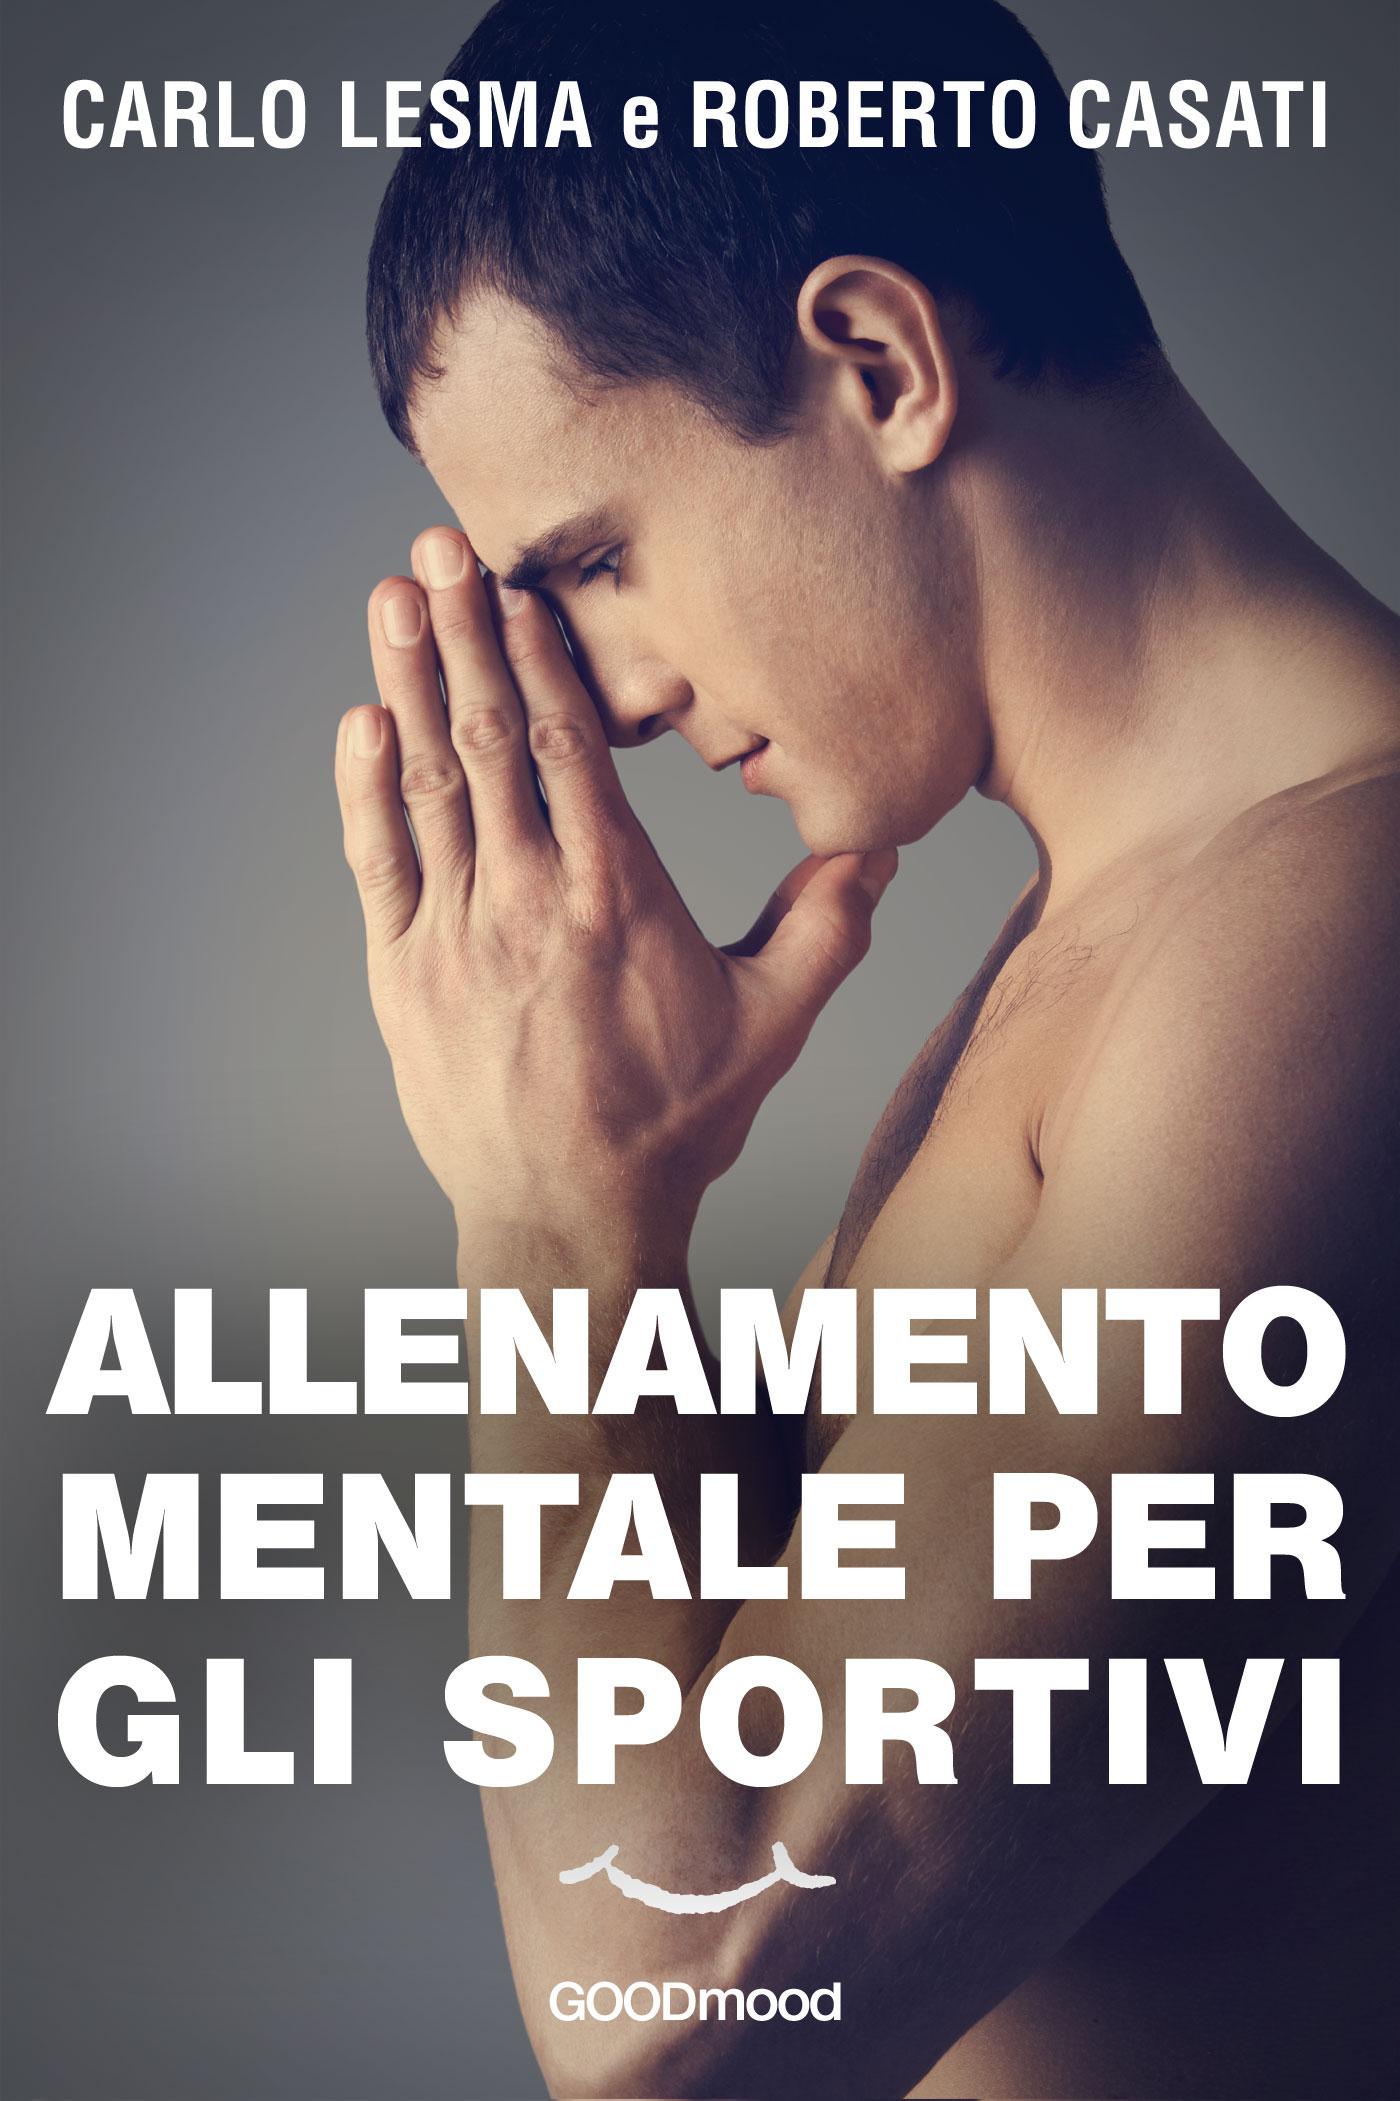 Allenamento mentale per gli sportivi-0